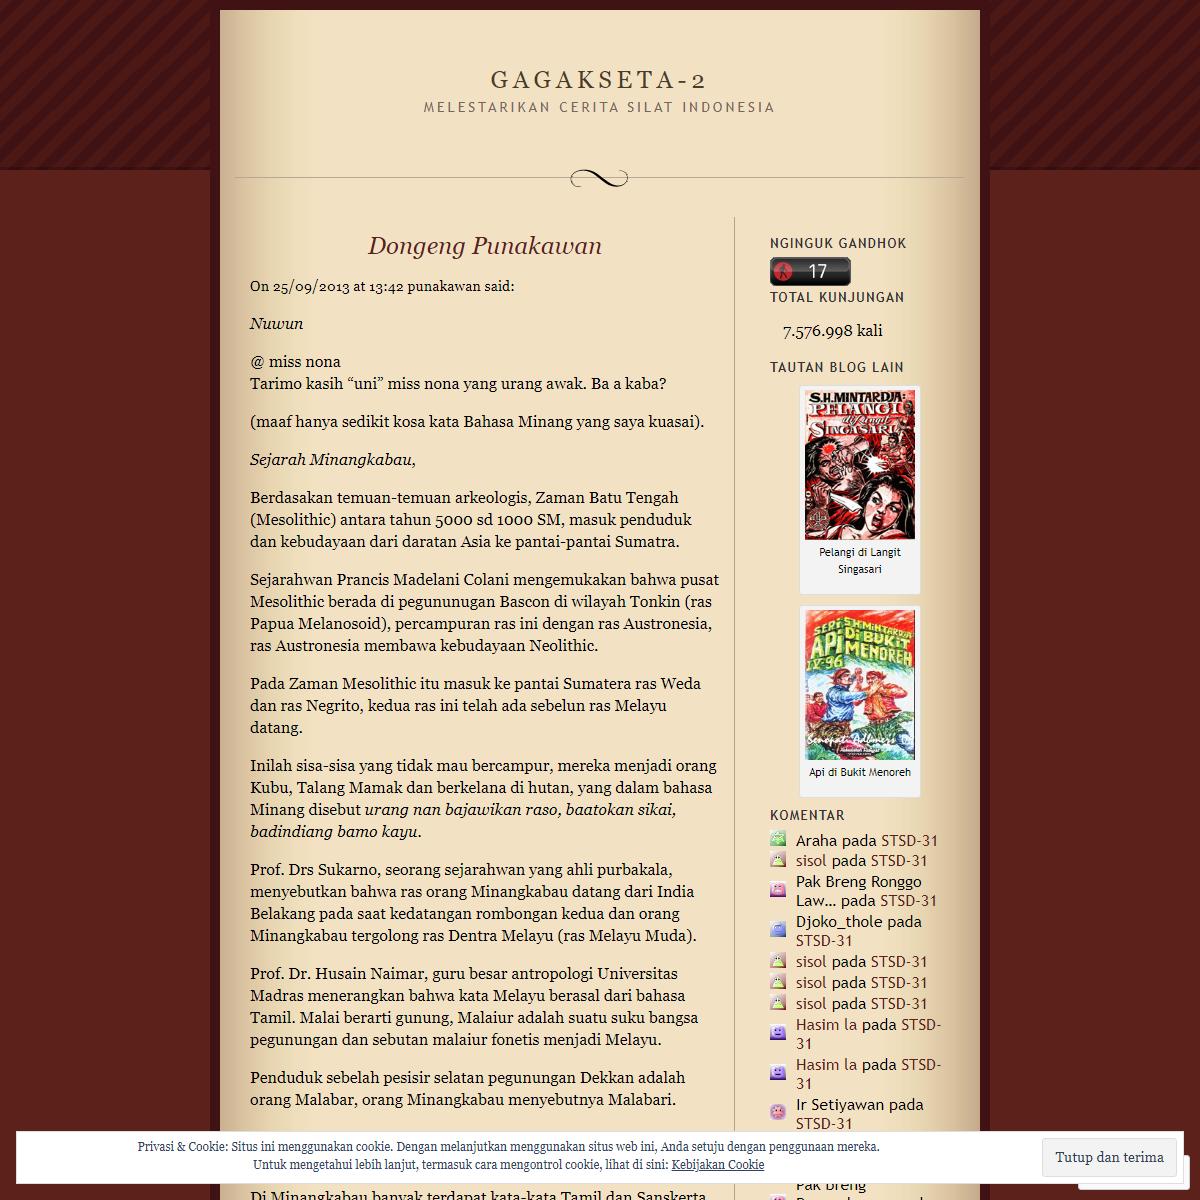 Dongeng Punakawan - Gagakseta-2 - Laman 28